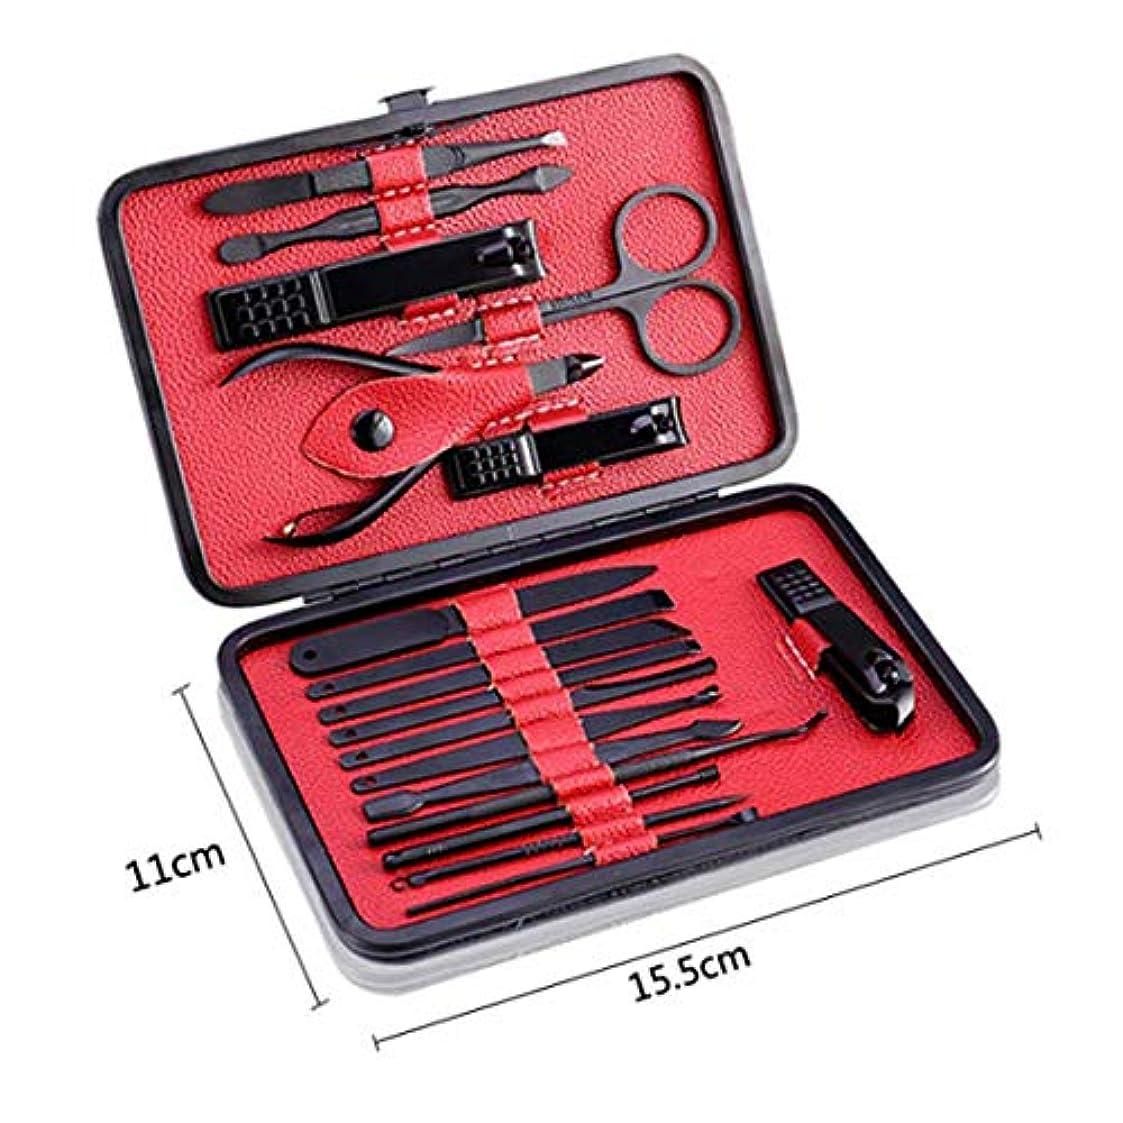 本能カレンダーメルボルン爪切りセット 18点 ネイルケア 爪やすり マニキュア 多機能 ステンレス